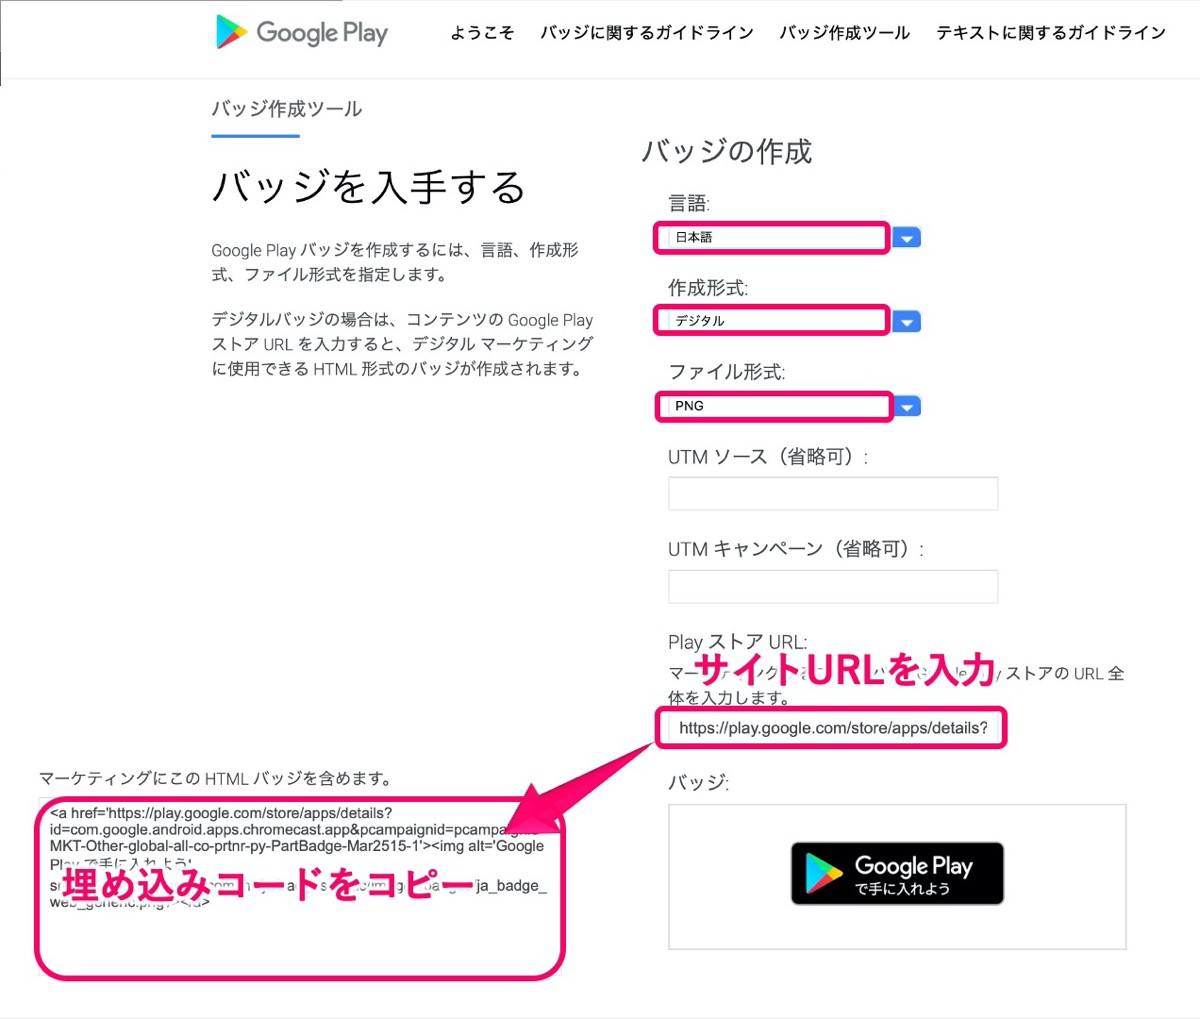 GooglePlay-設定